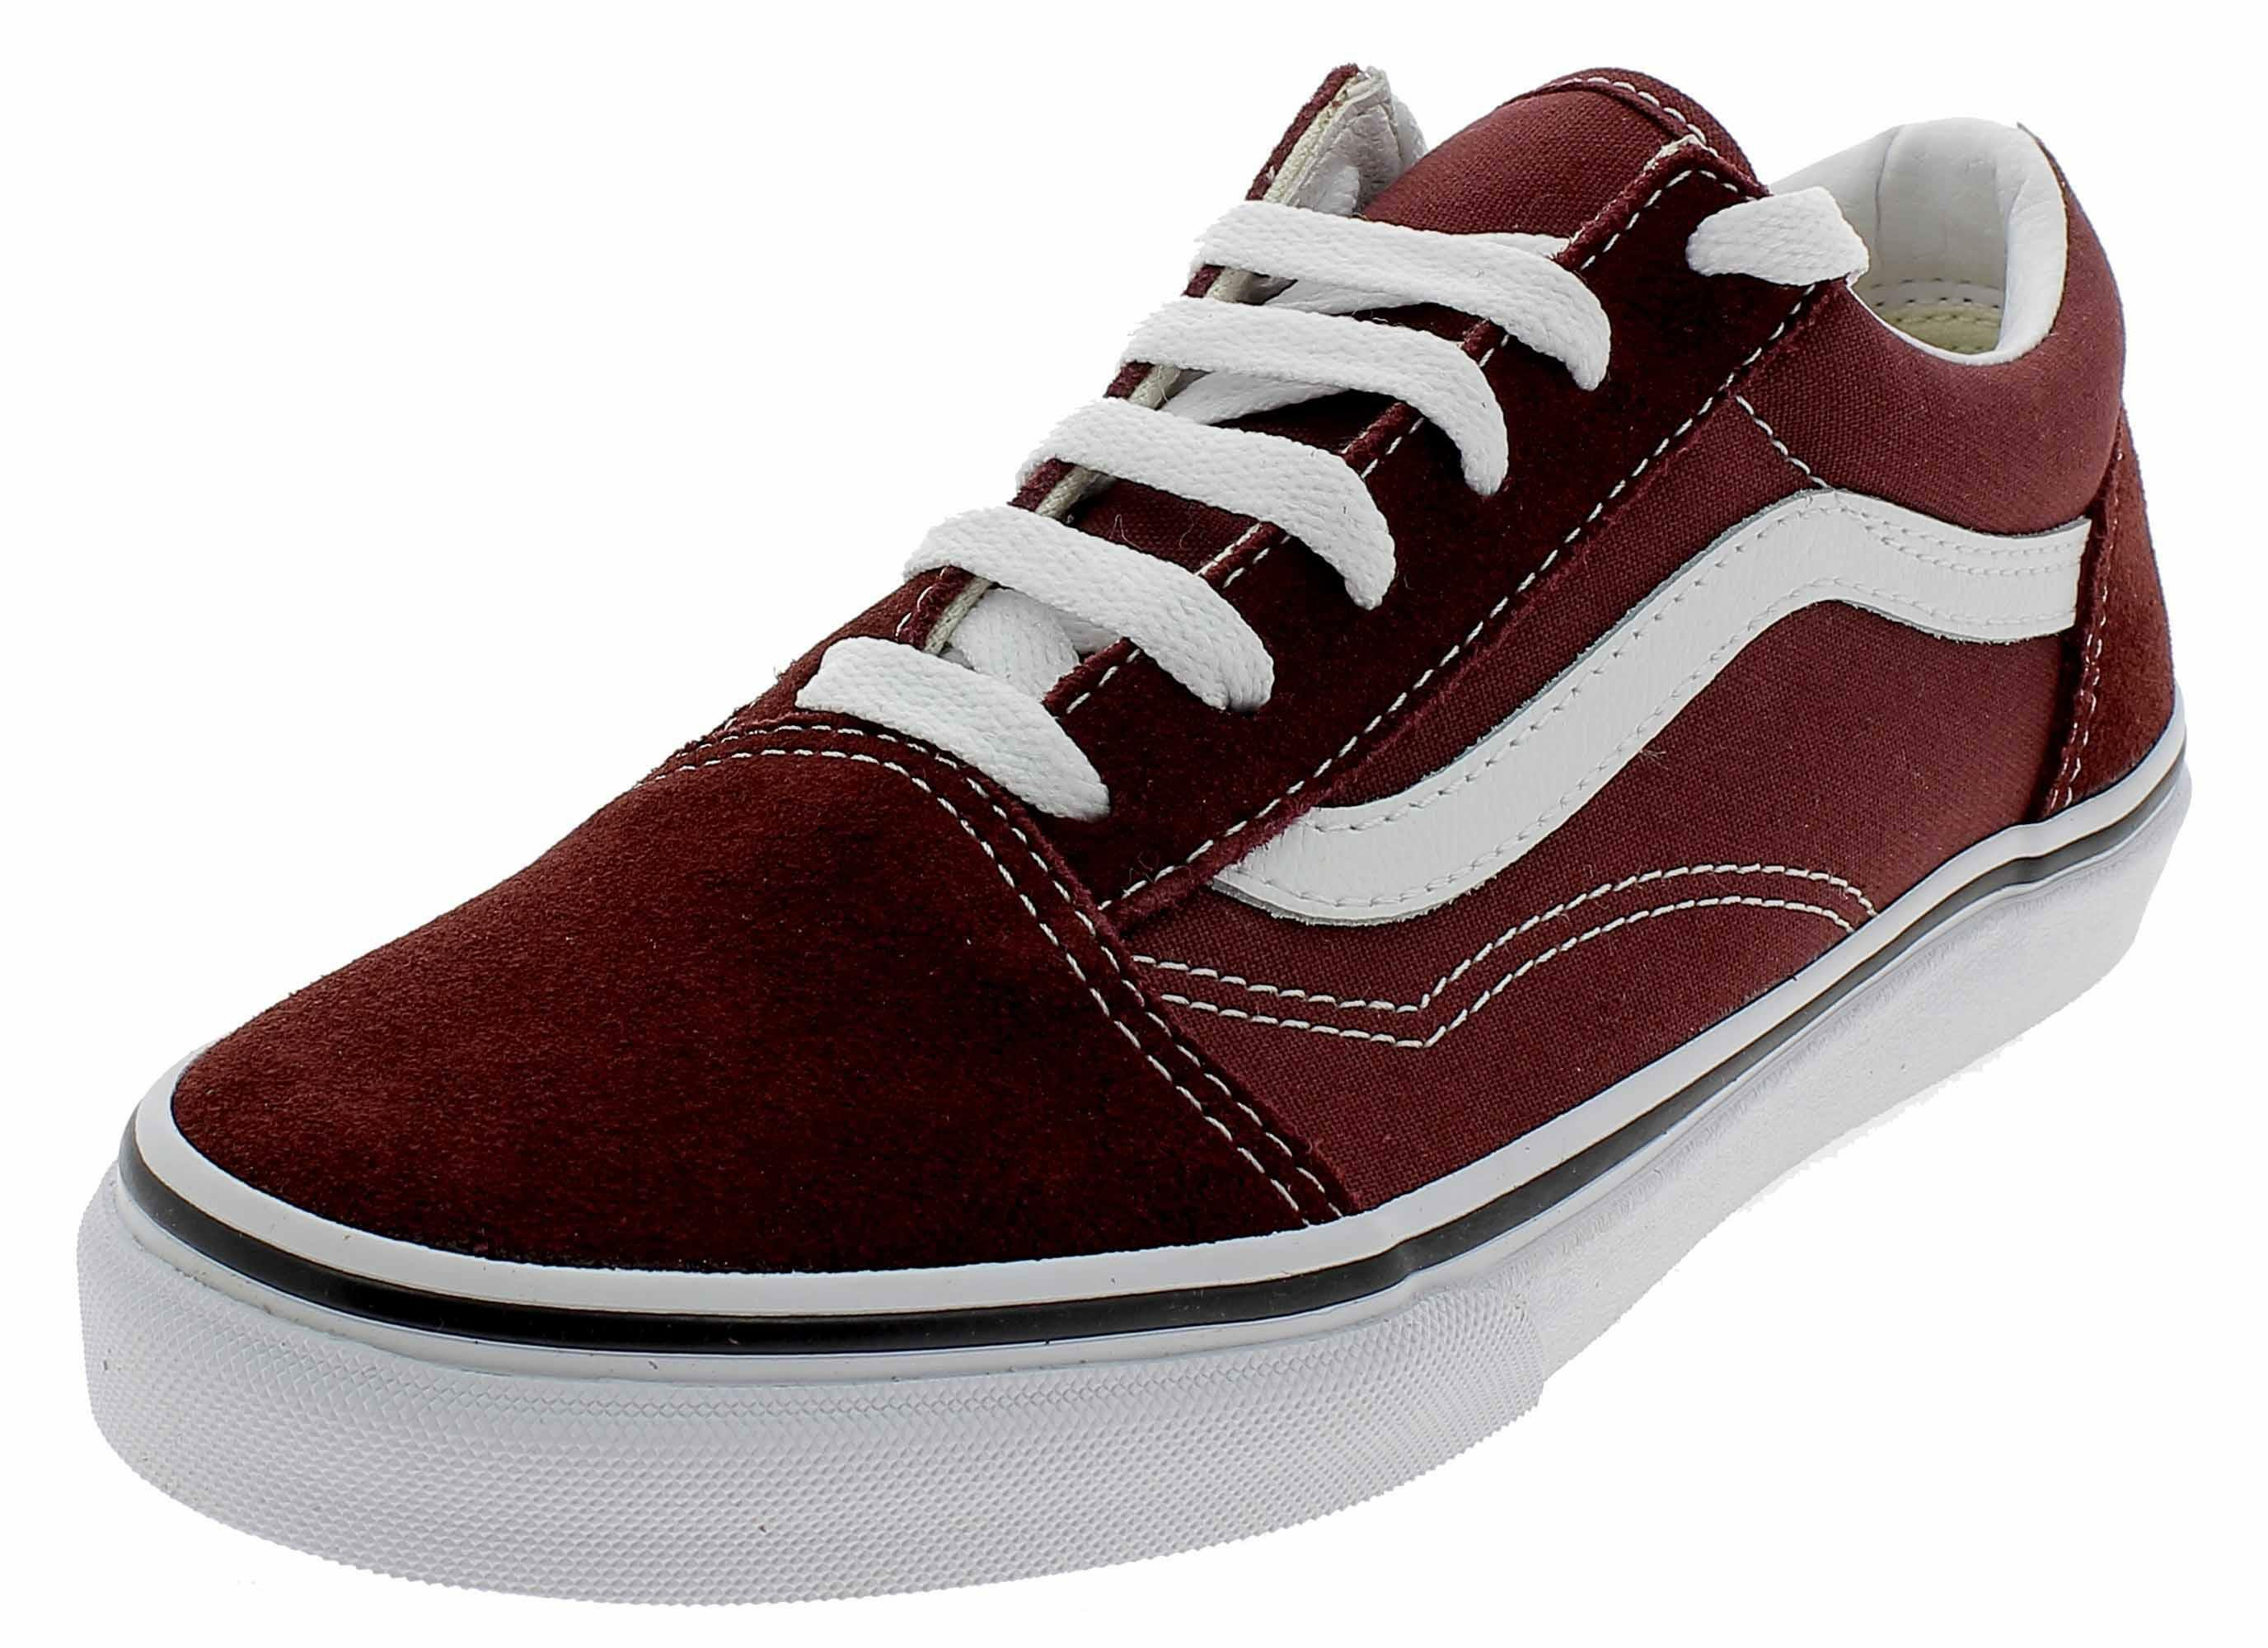 scarpe vans donna bordeaux